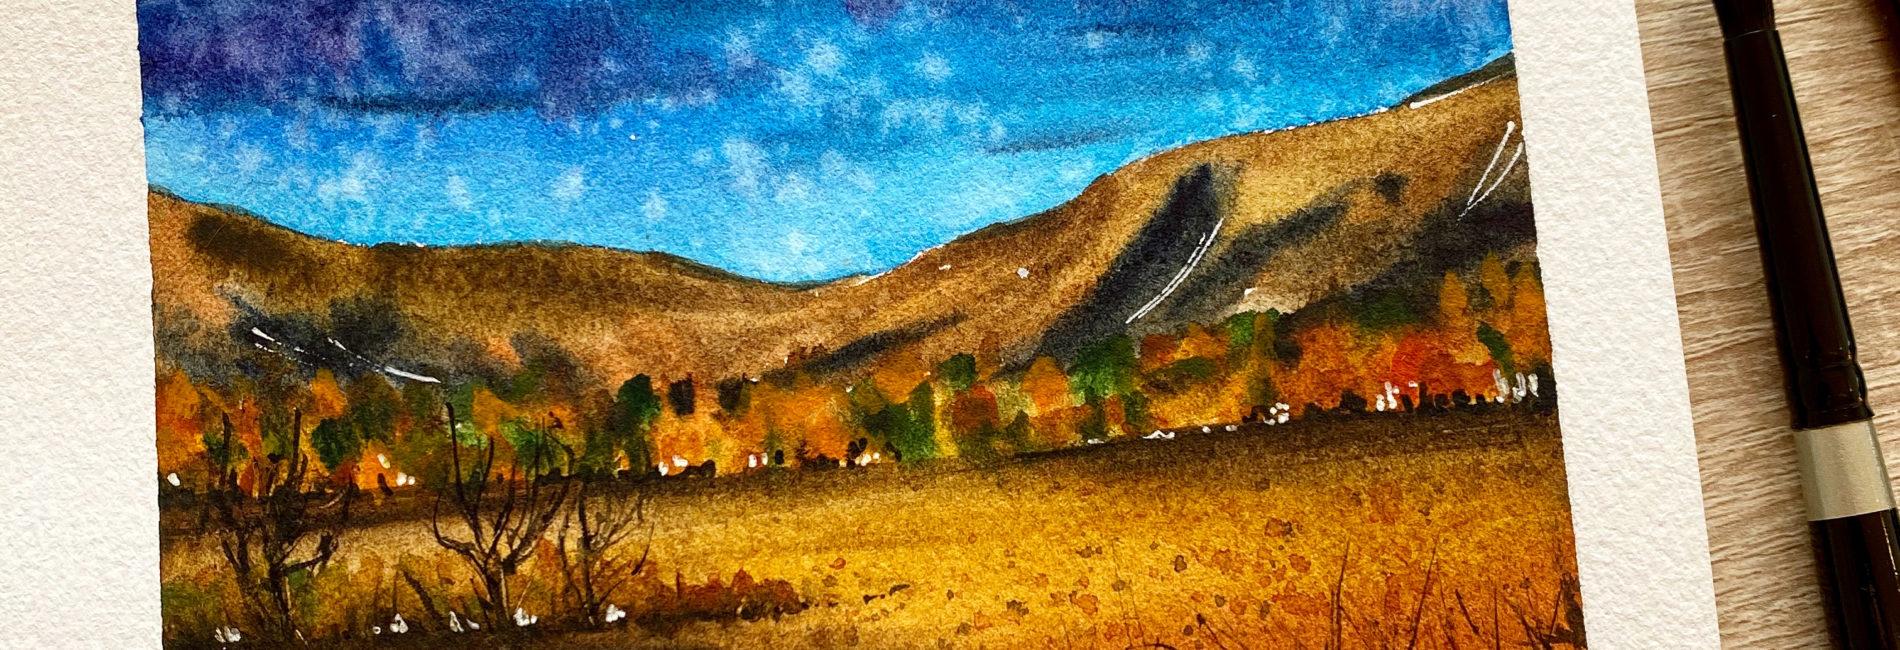 A vivid landscape in watercolor